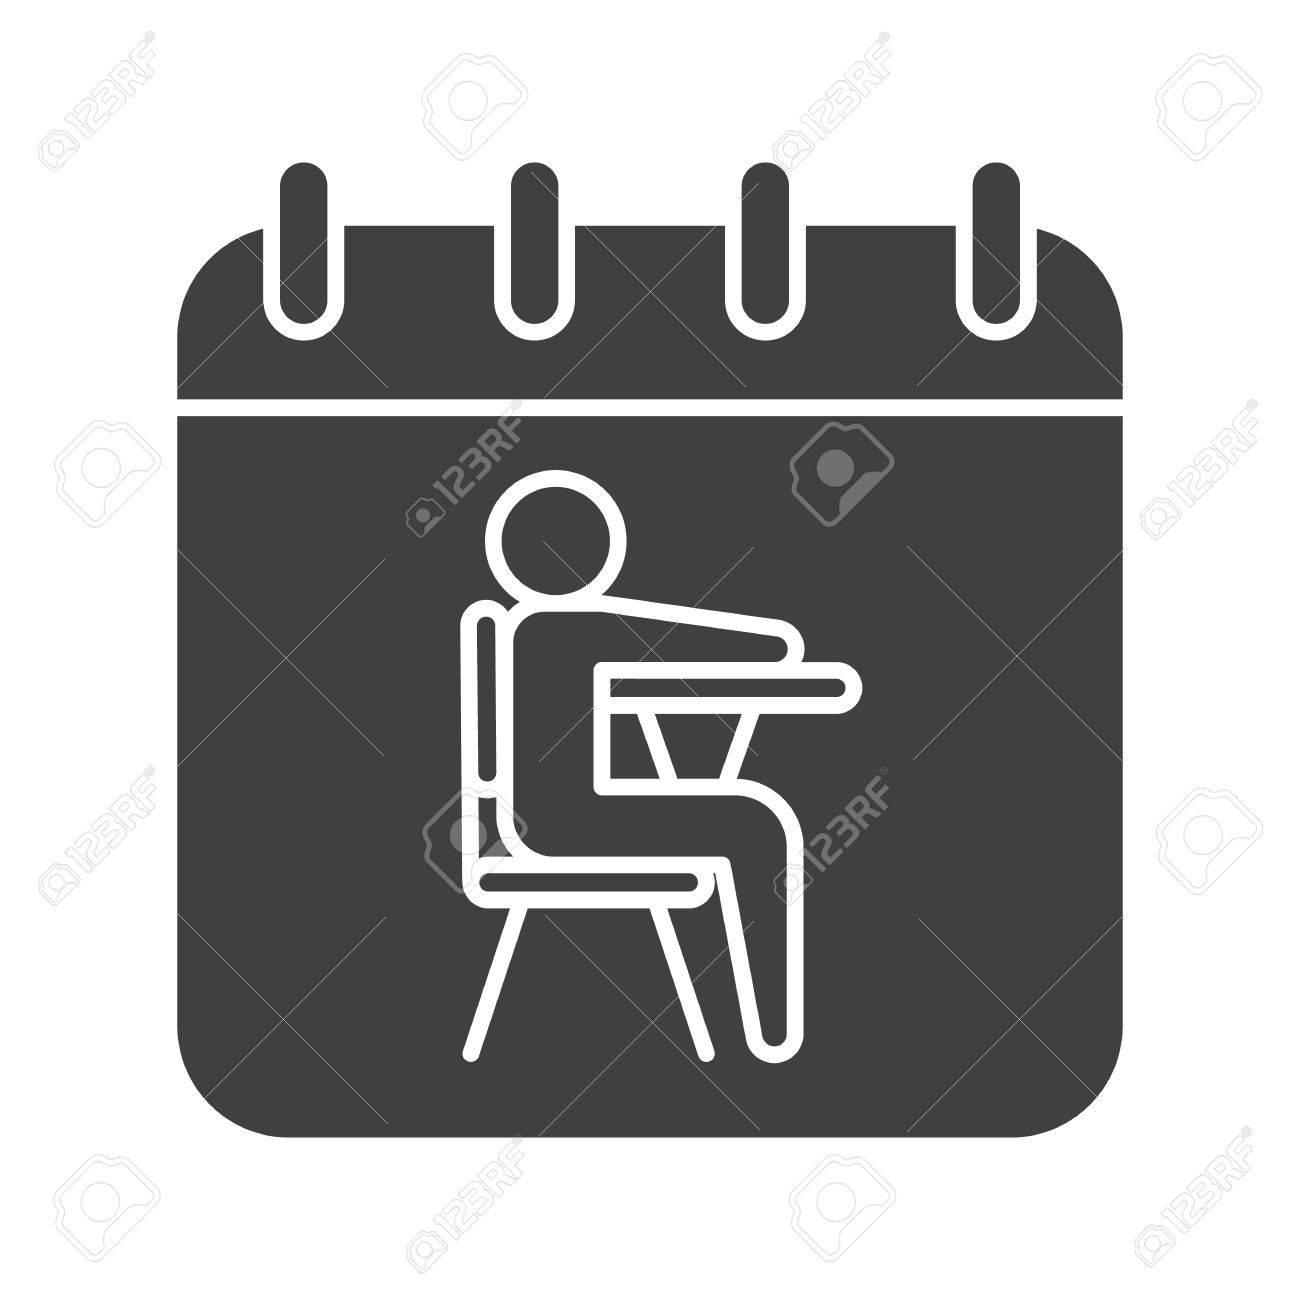 Simbolo De Calendario.Icona Del 1 Settembre Simbolo Della Silhouette Pagina Del Calendario Con Lo Studente Spazio Negativo Illustrazione Isolata Vettoriale